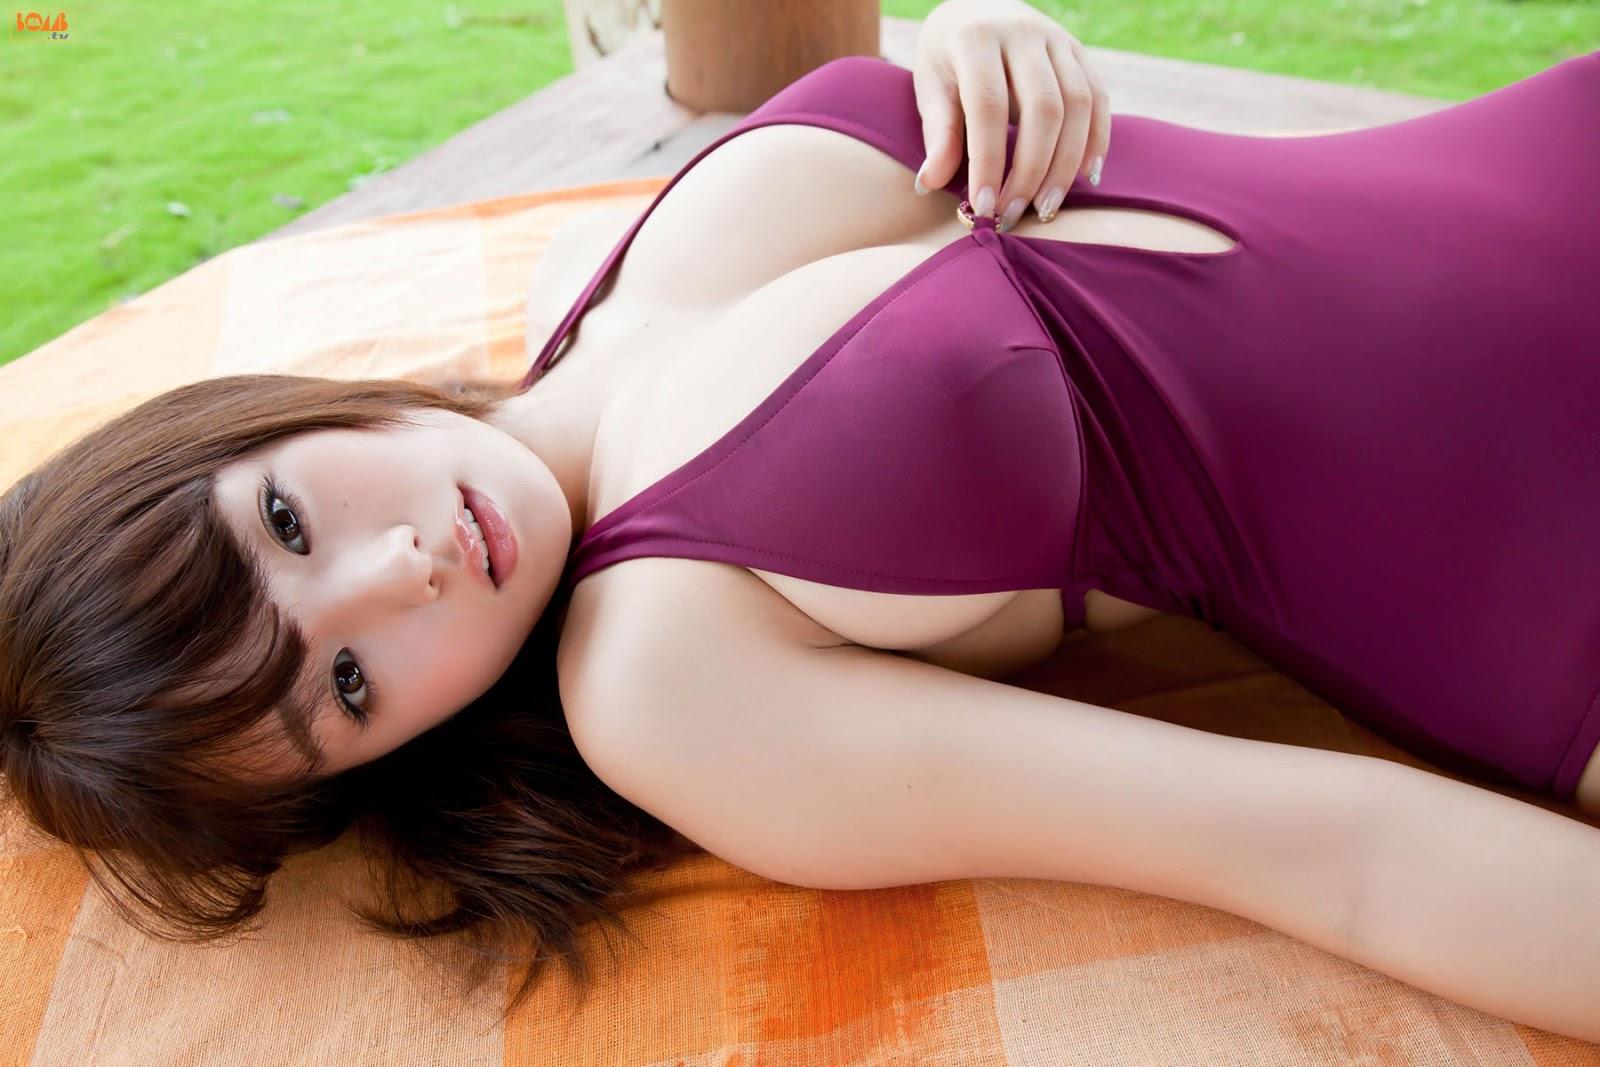 Японский домашни секс, Японское порно на Порно Тигр 6 фотография